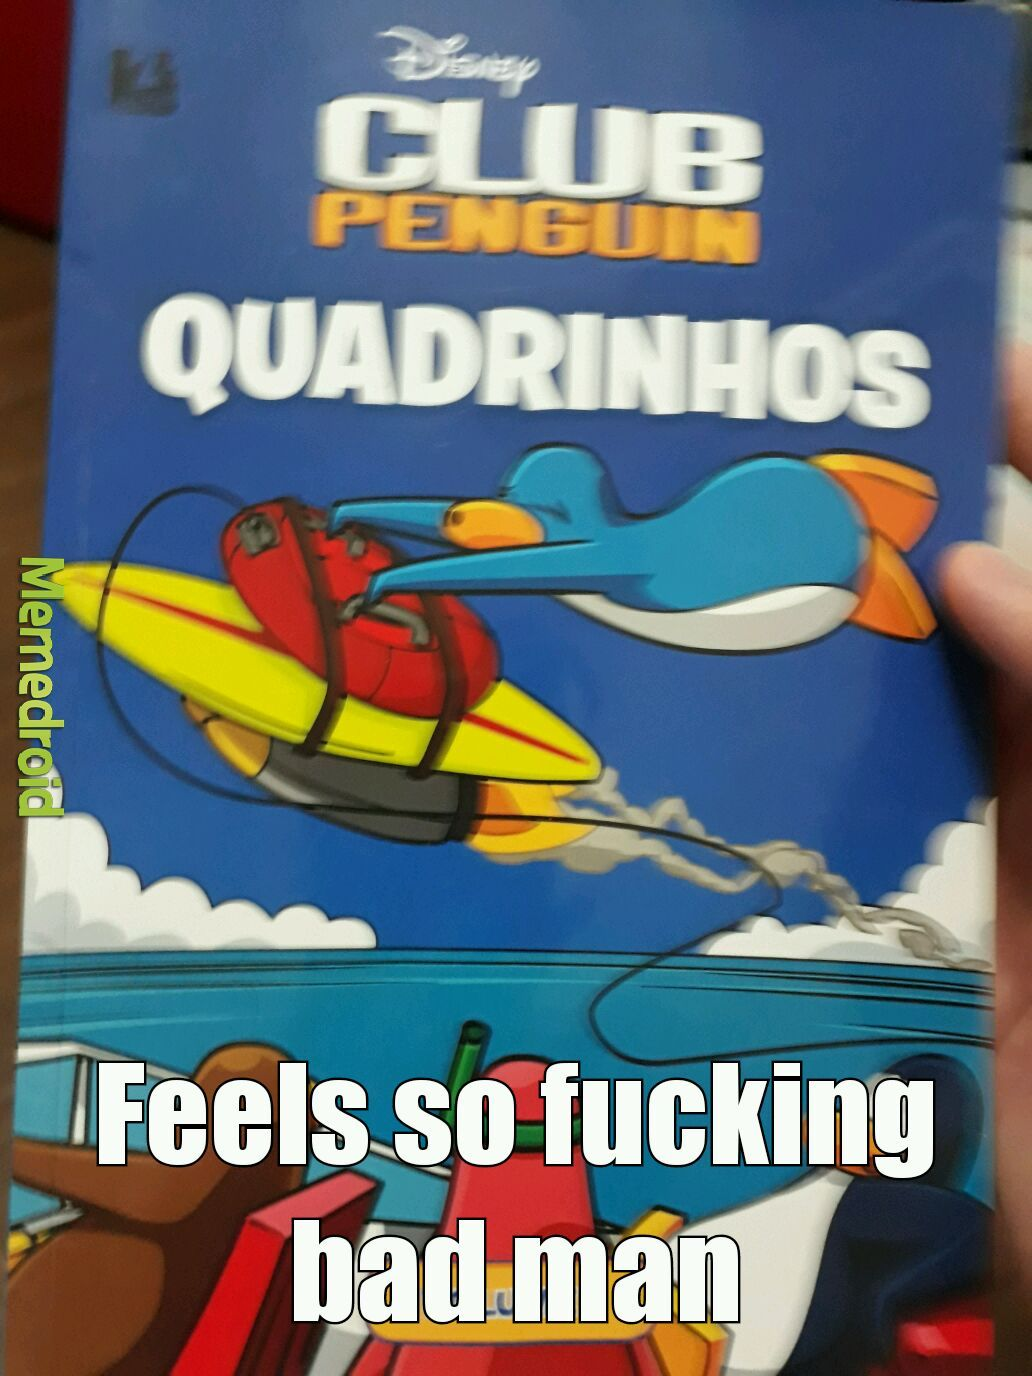 Devo postar os quadrinhos do livro? - meme